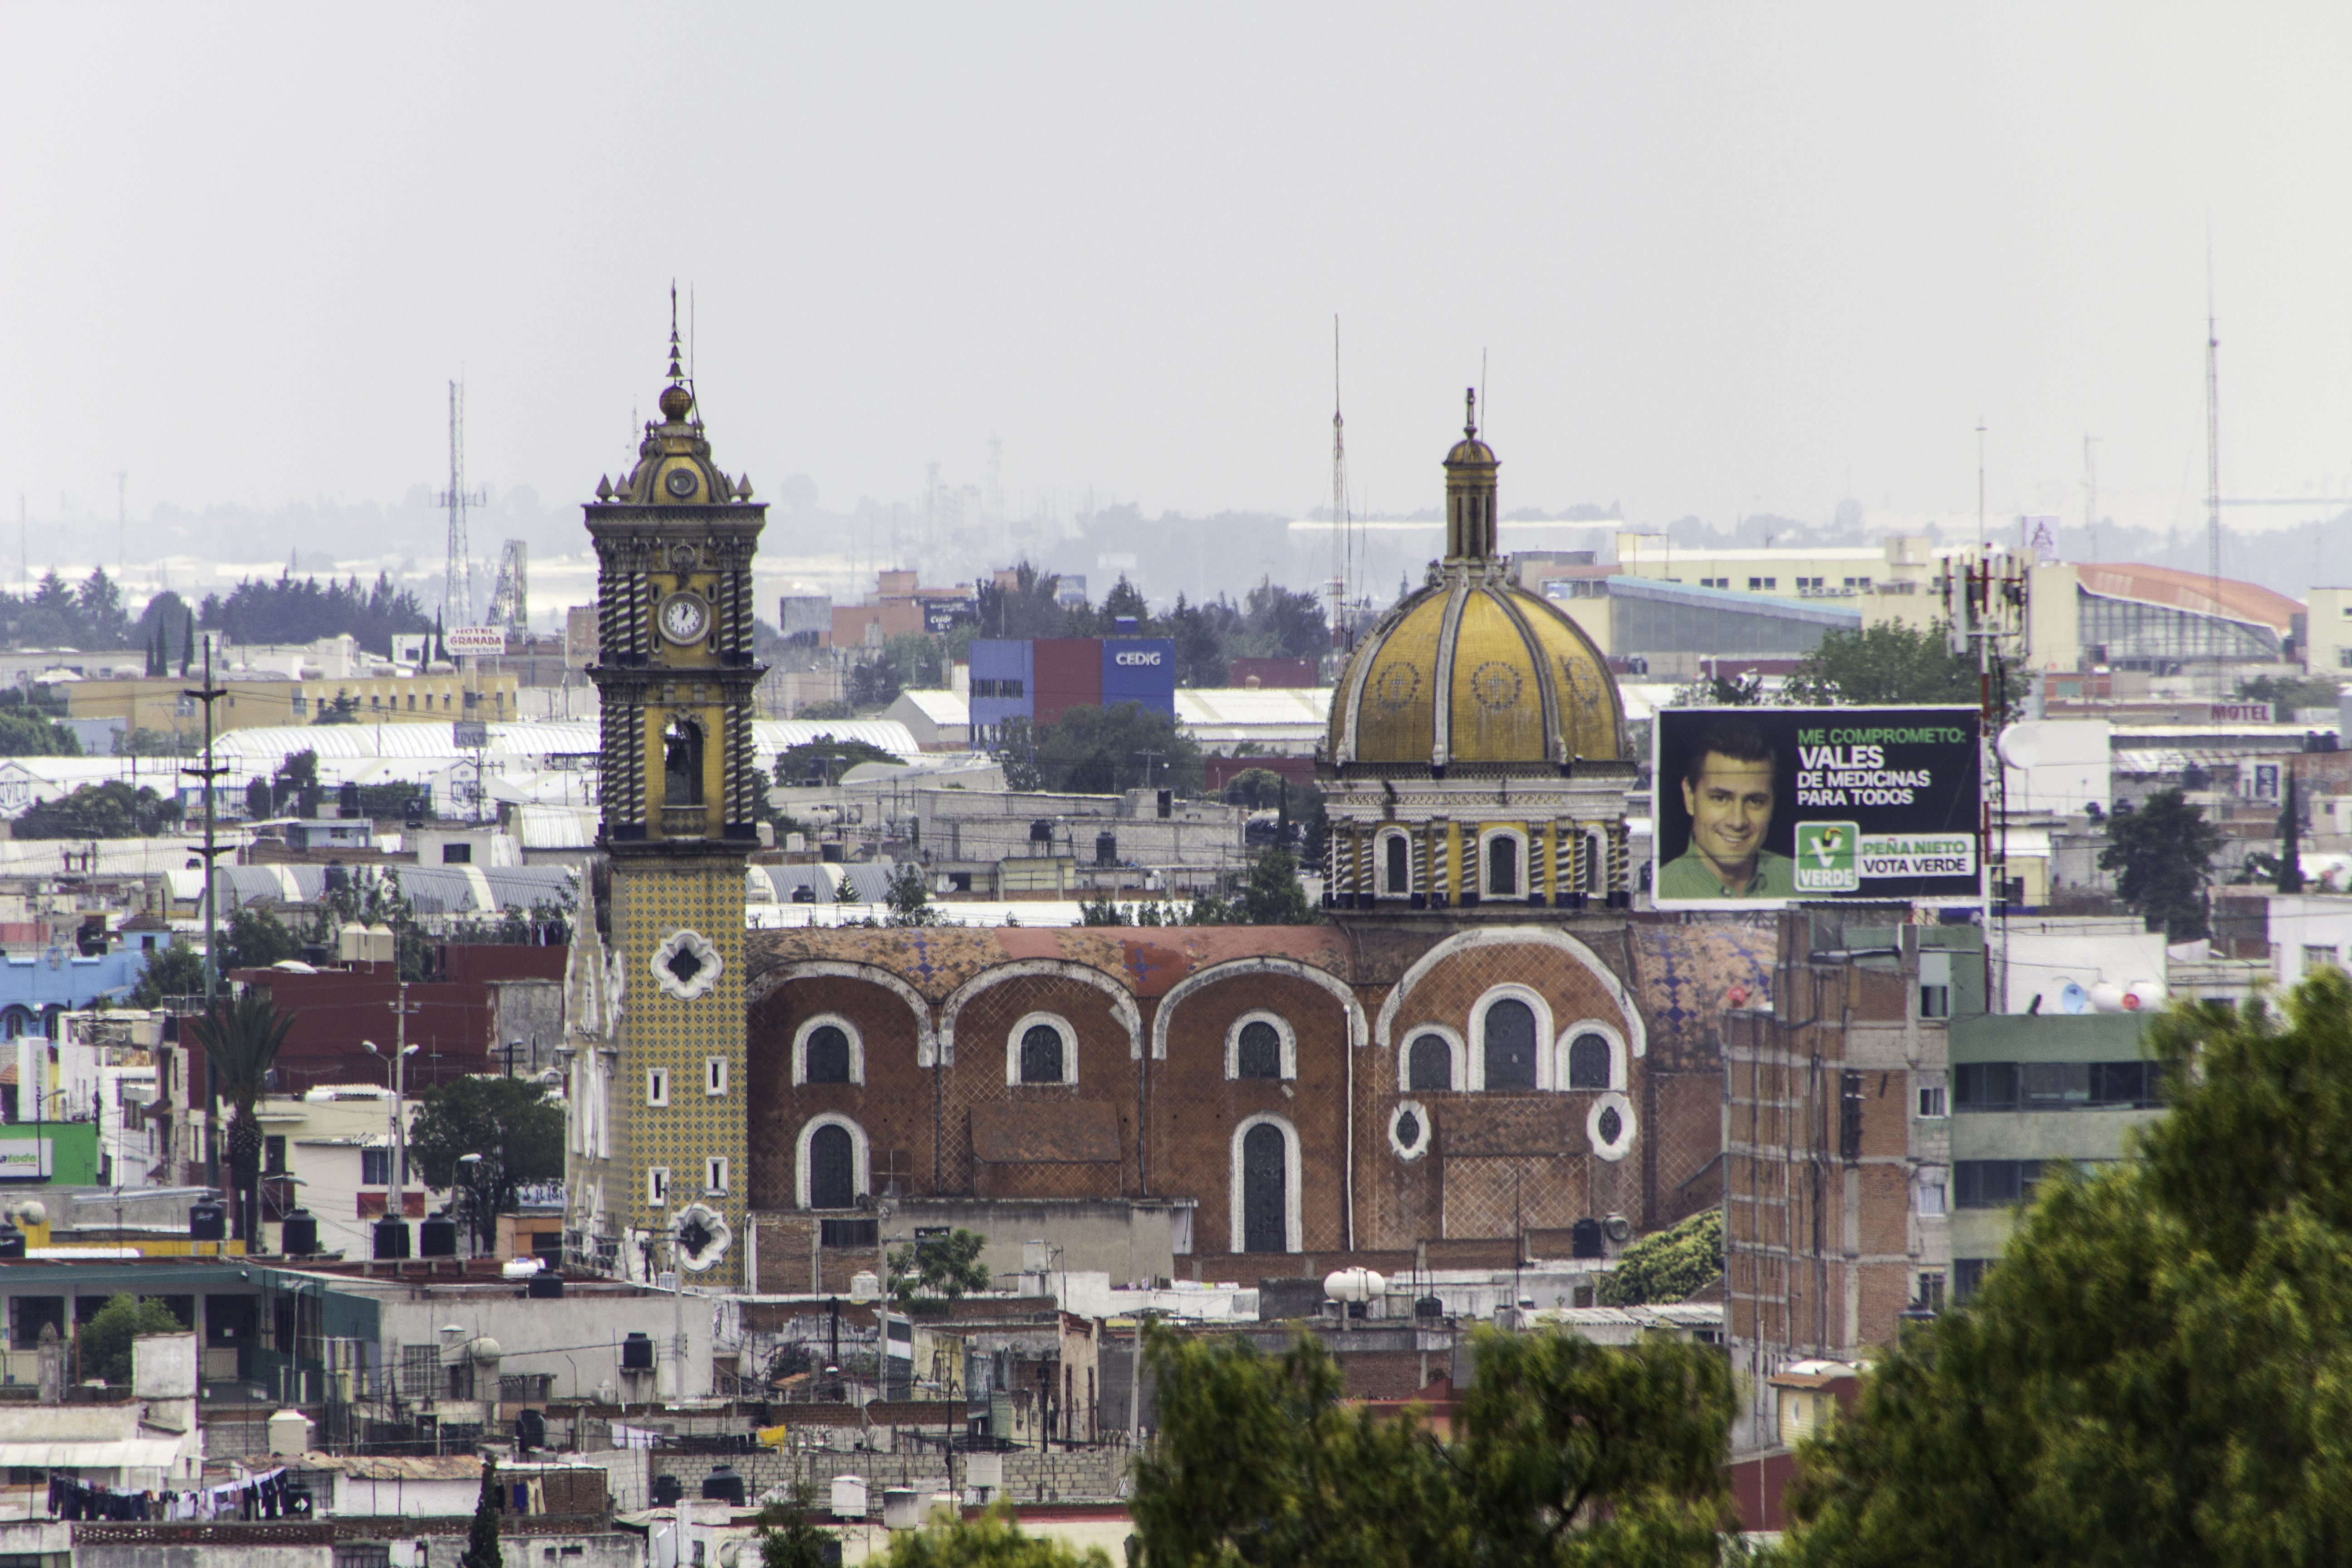 Vista de la iglesia de El Rayito, ubicada en la colonia Santa María de la ciudad de Puebla